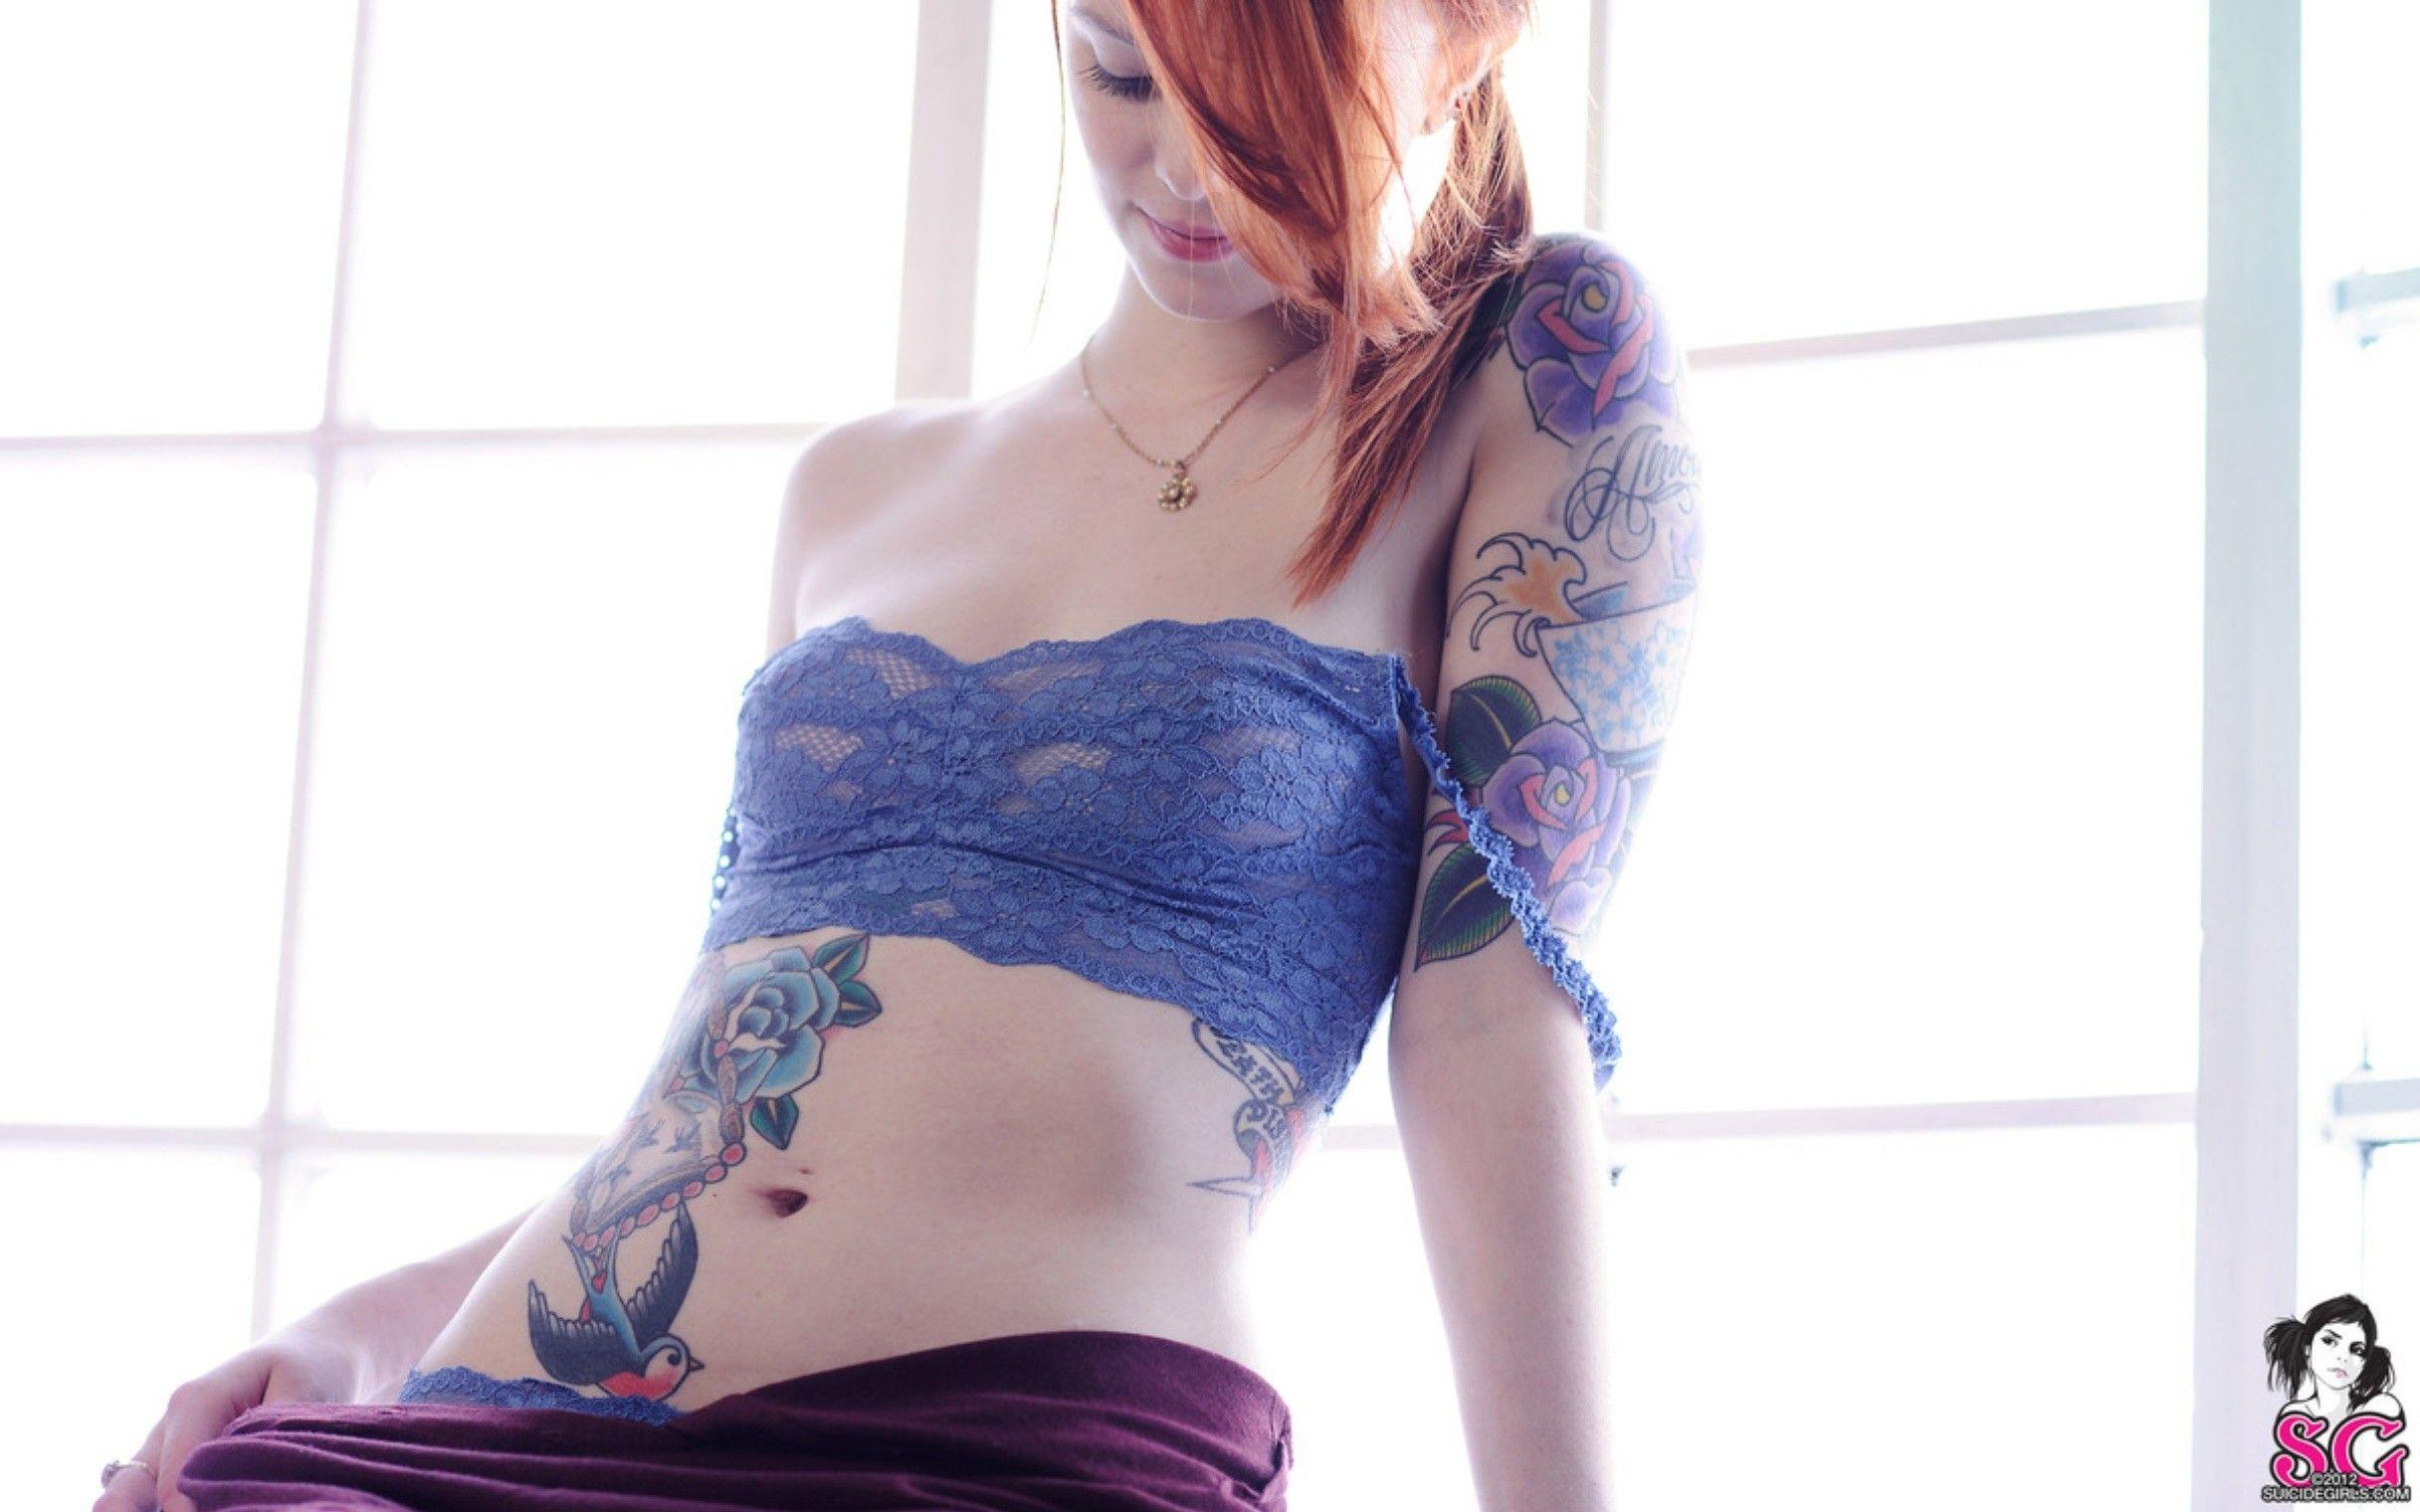 Teen girls huge free boobs